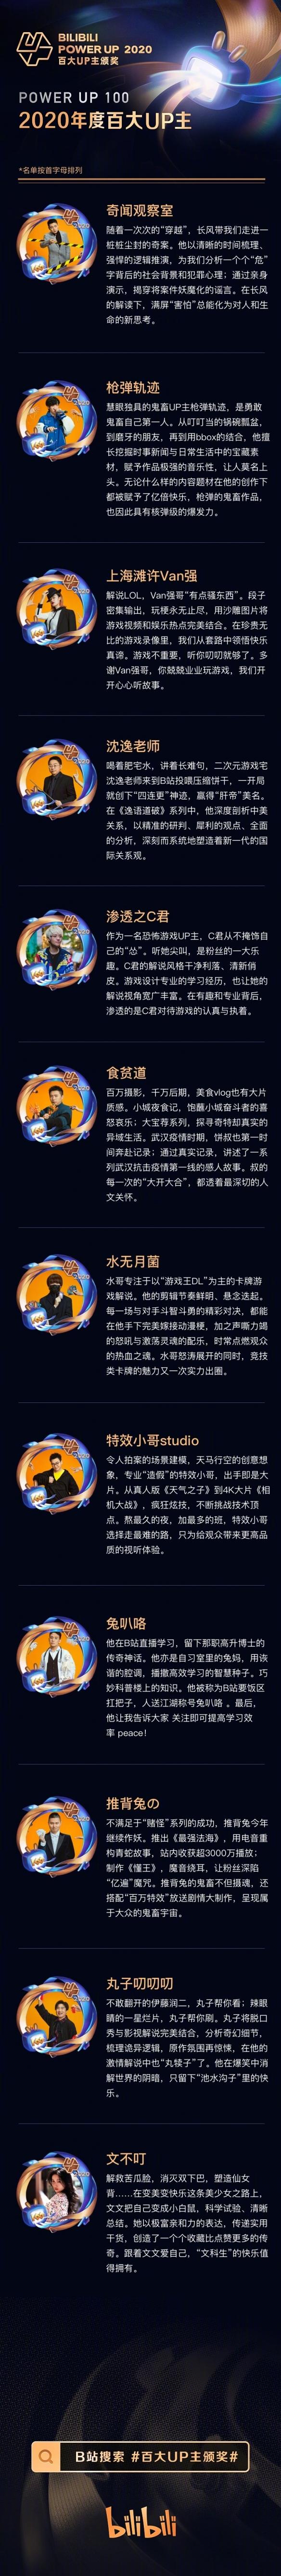 """哔哩哔哩揭晓2020年""""B站百大UP主""""名单 24日直播颁奖"""